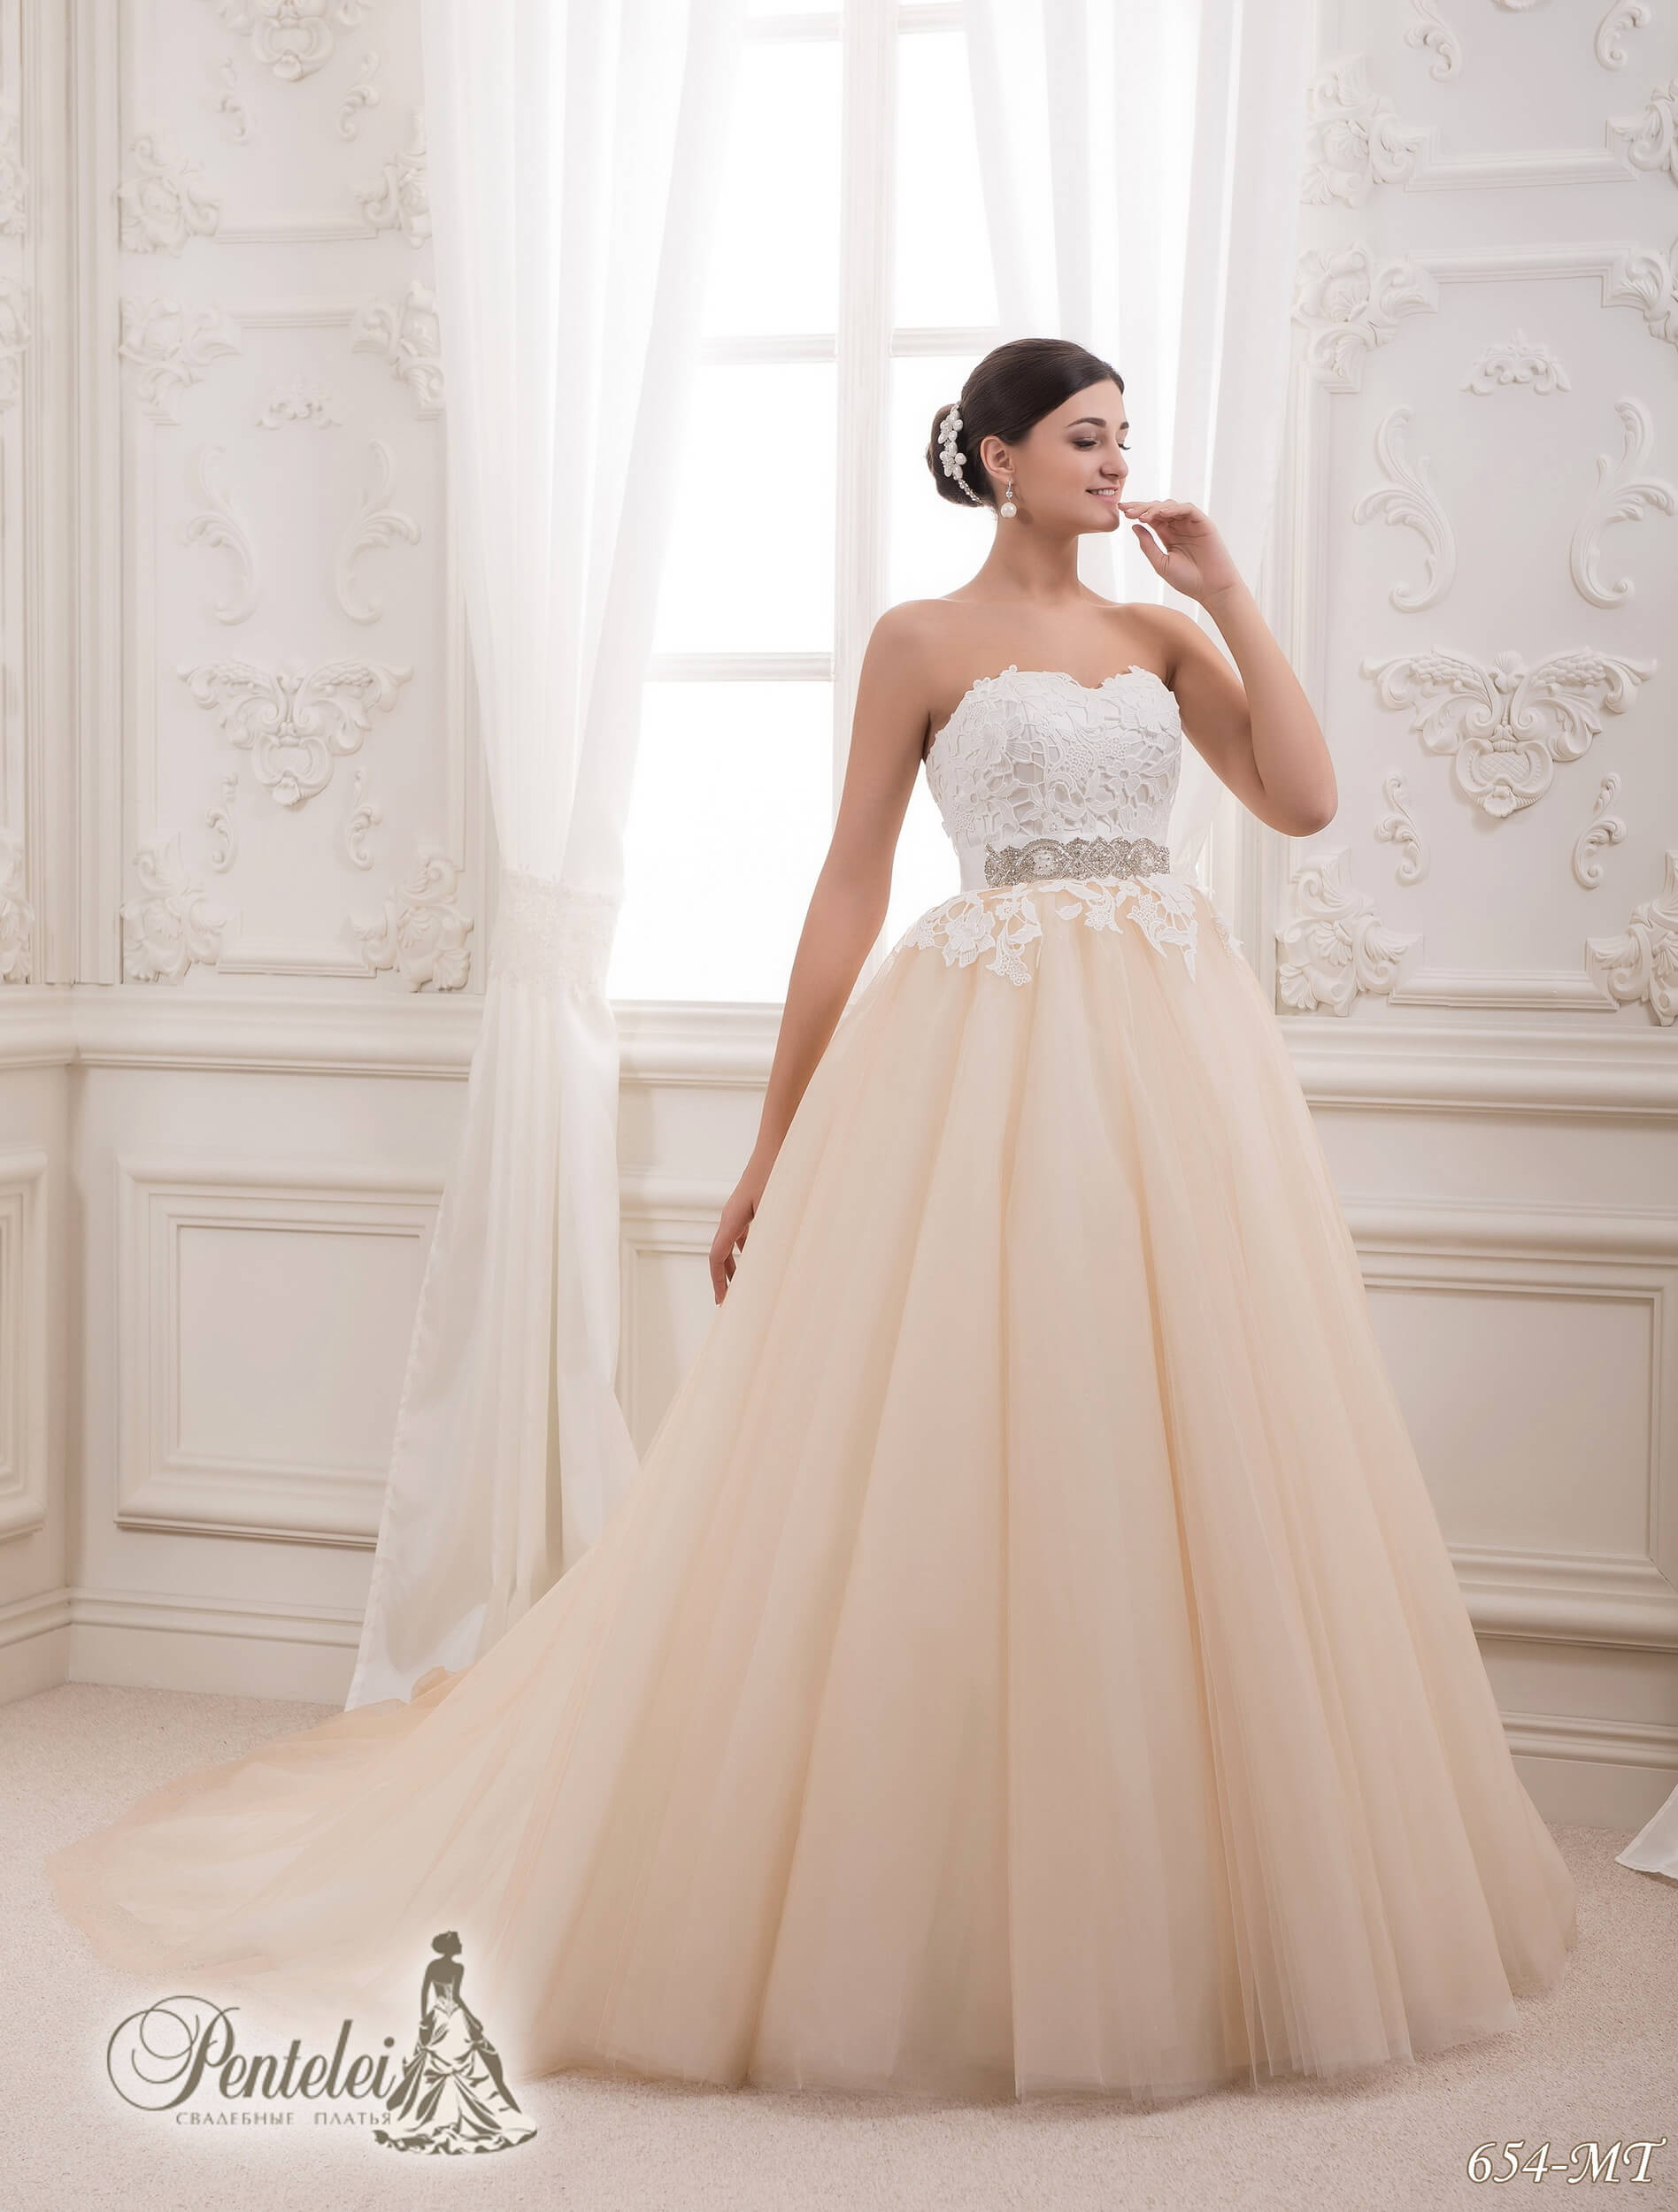 654-MT | Cumpăra rochii de mireasă en-gros de Pentelei